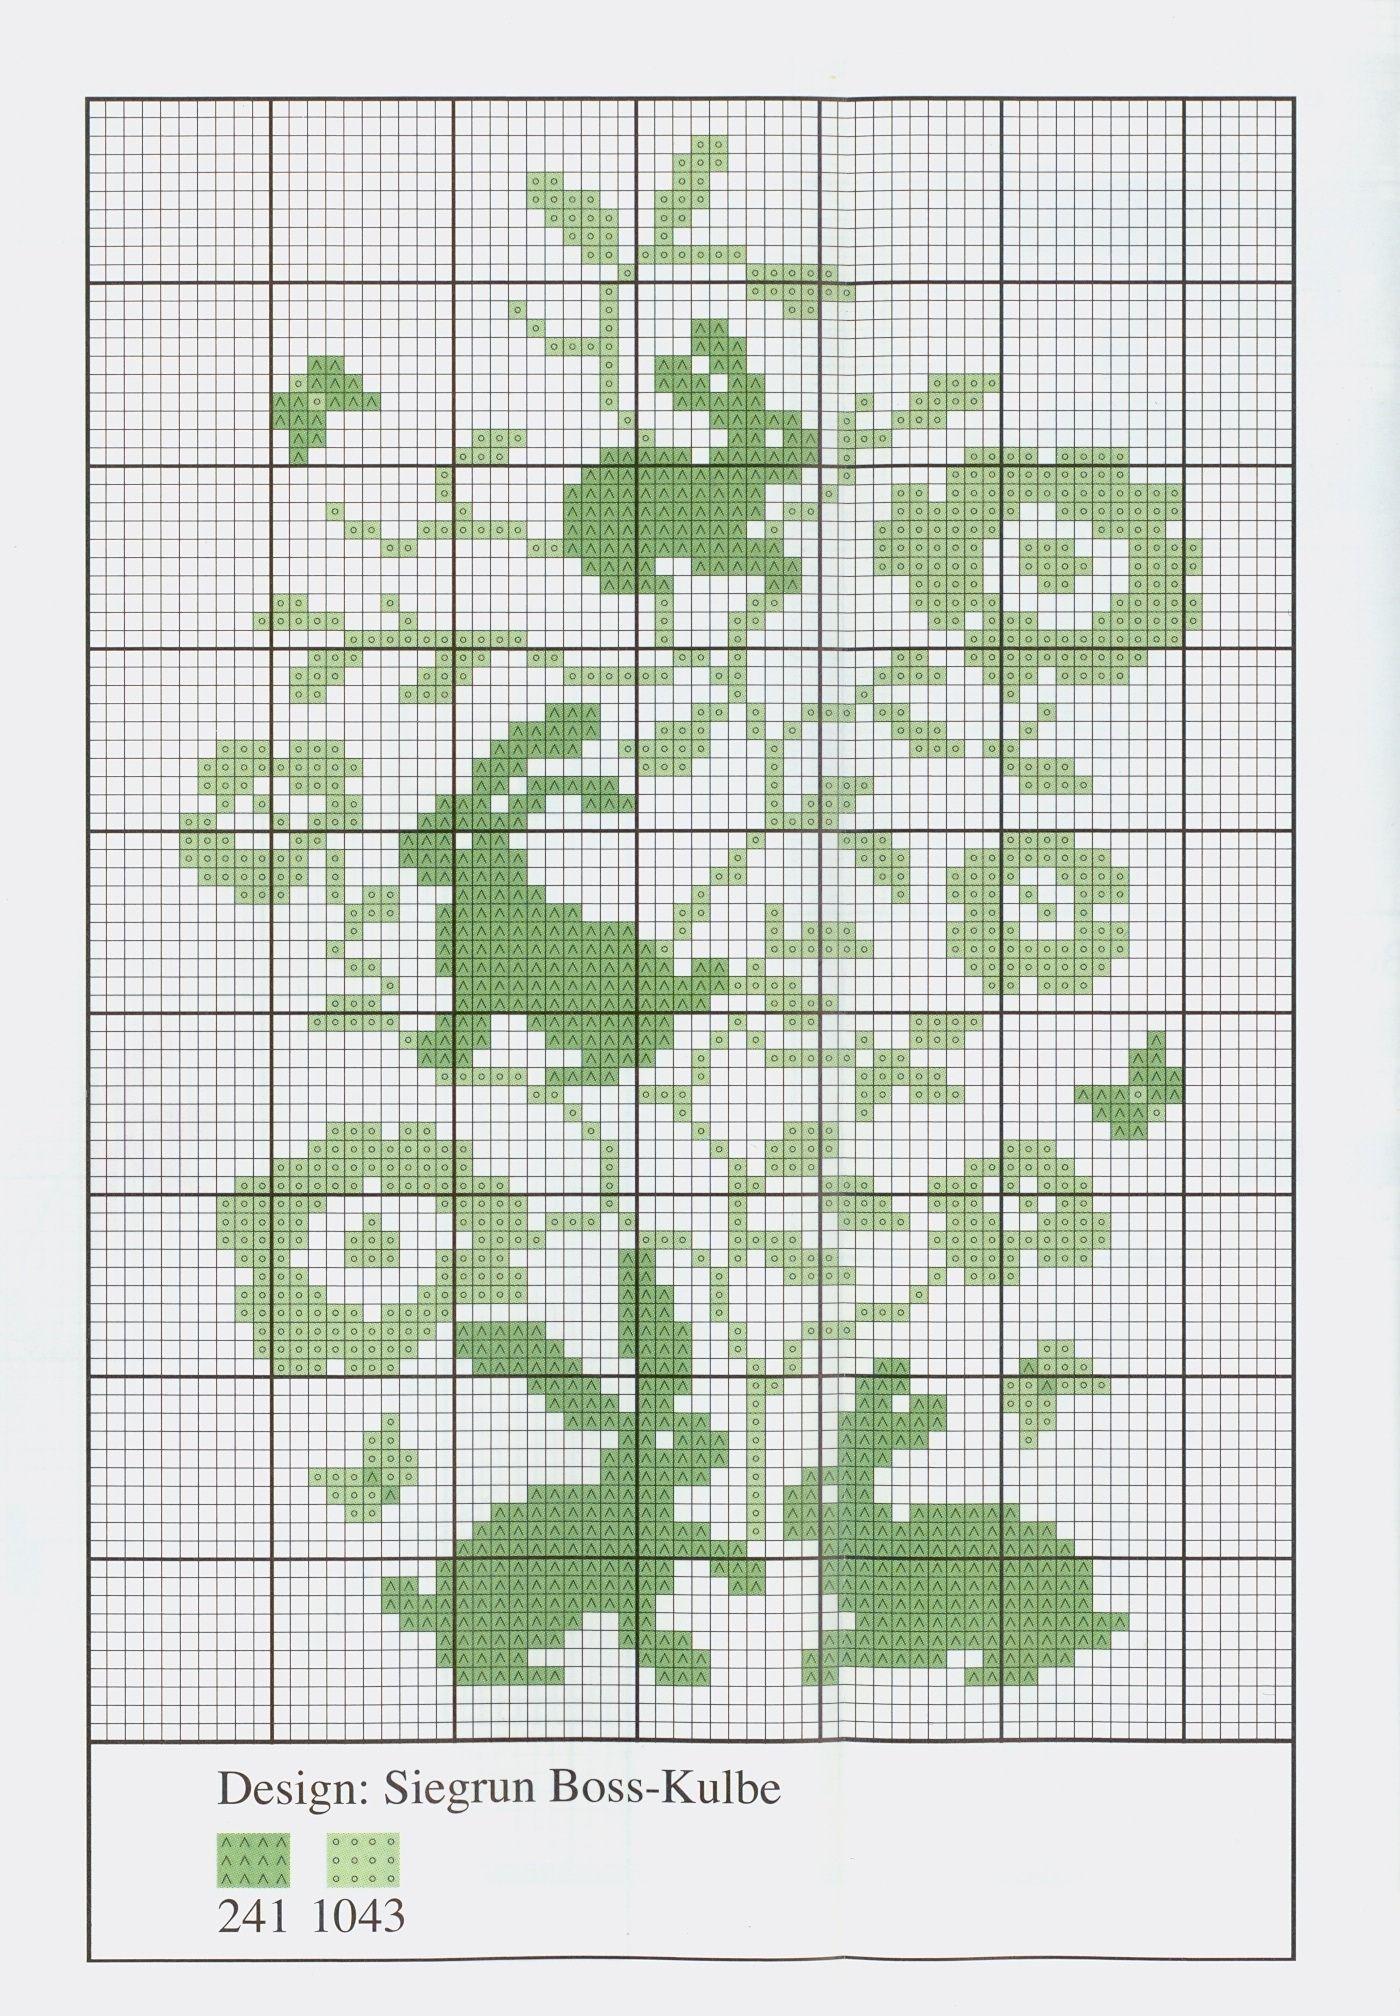 schemat9999999999999999999999999999999993.jpg 1 400×2 016 пікс ...